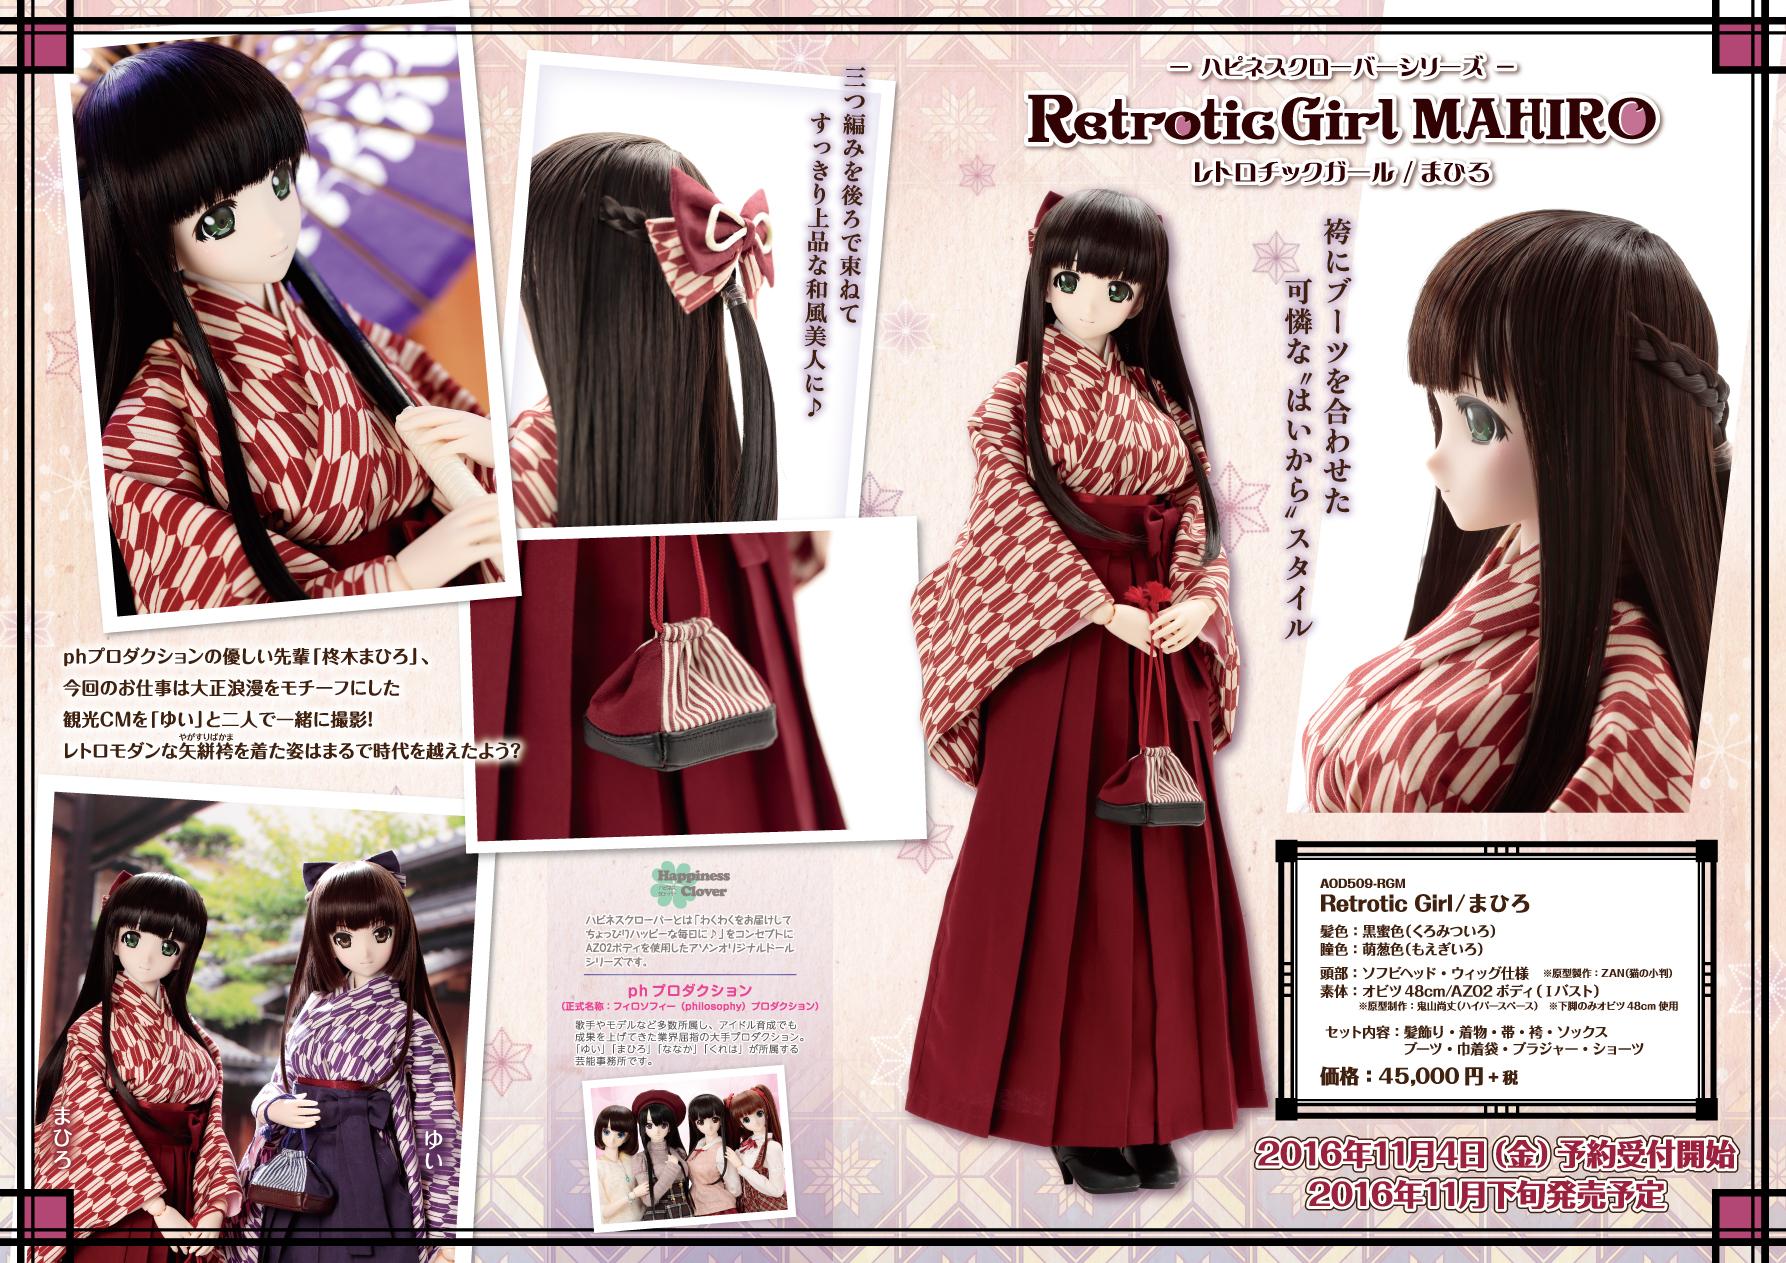 Retrotic Girl/まひろ